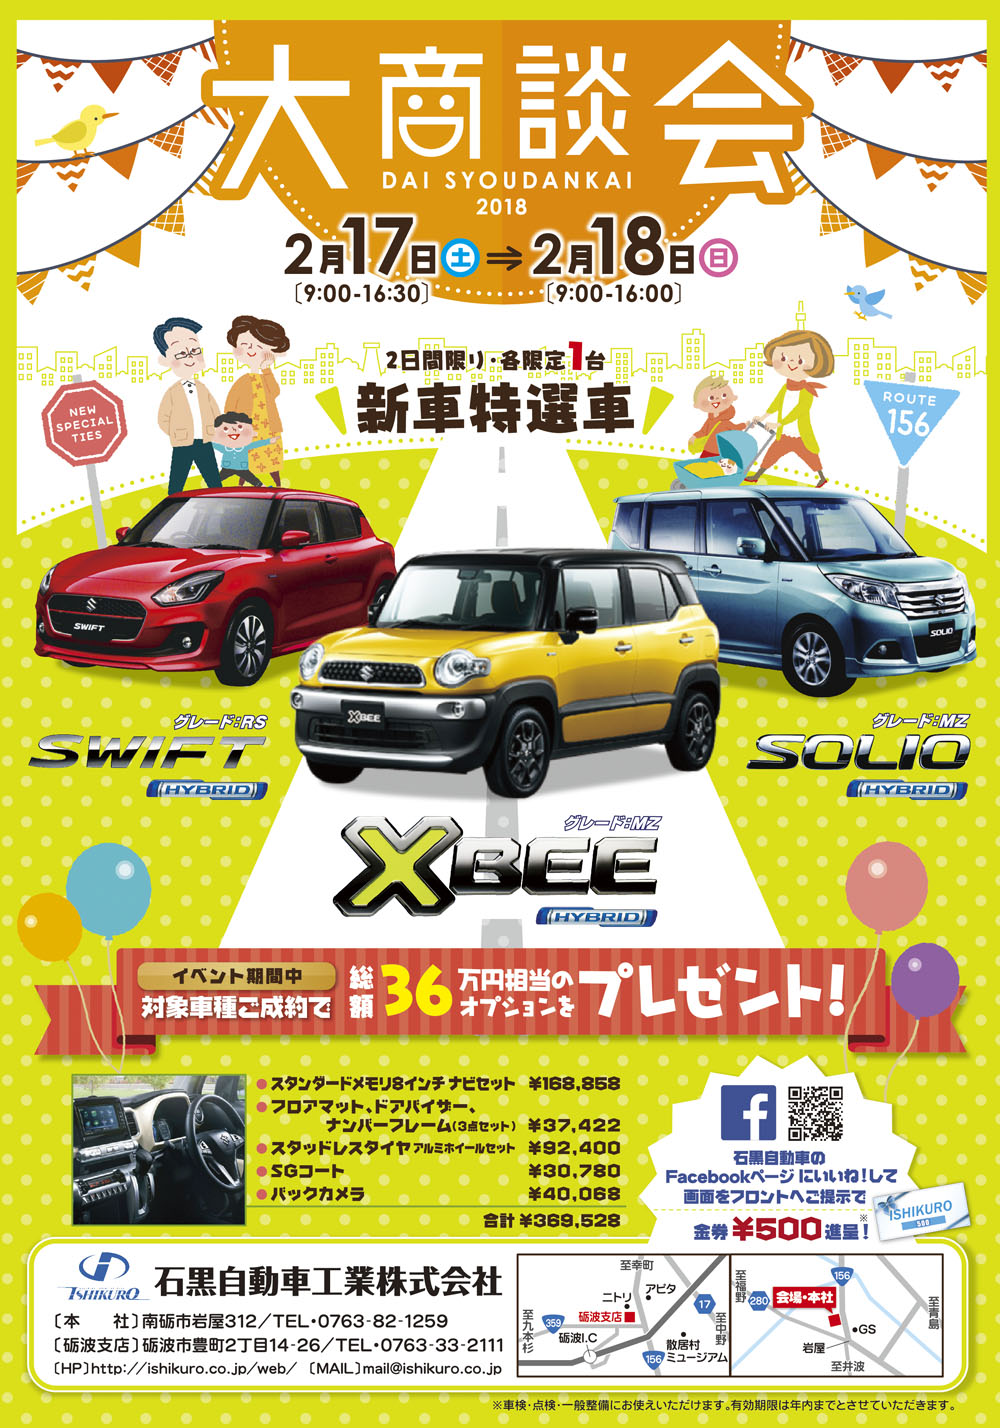 春に向けての車の購入を促す爽やかなデザインの広告チラシとなりました。